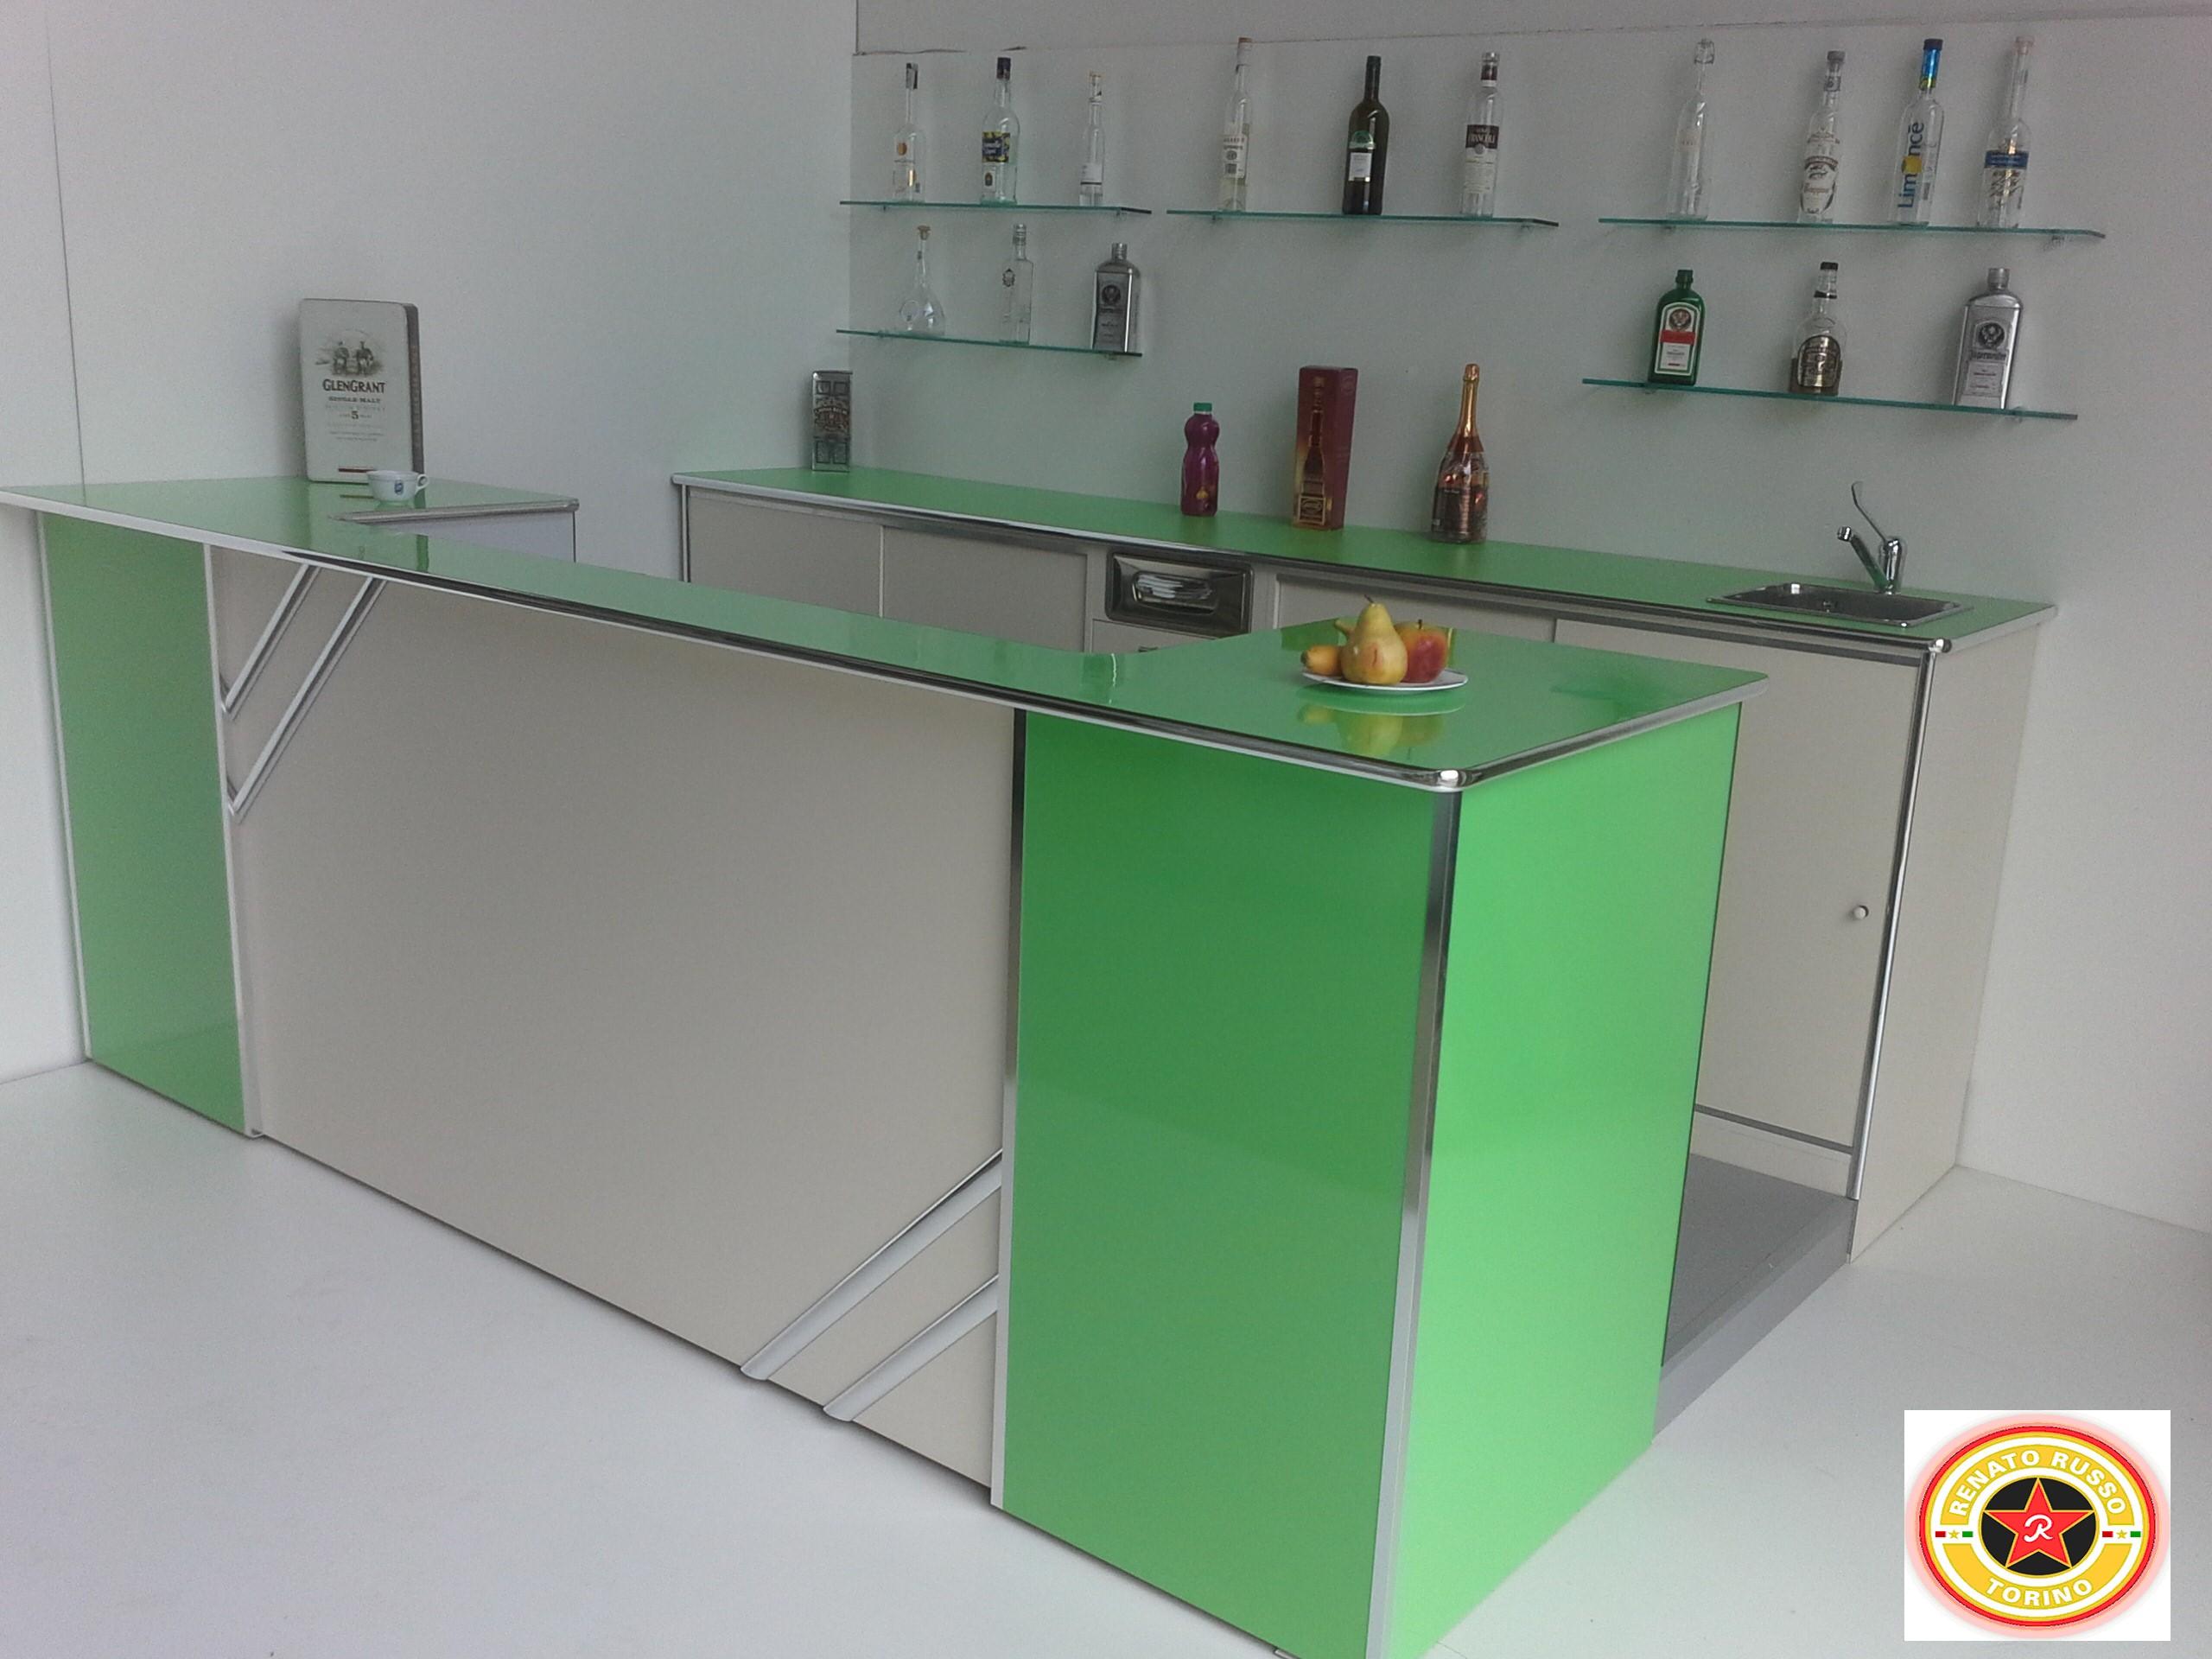 Banchi pizza compra in fabbrica tavoli refrigerati for Subito it arredamento genova